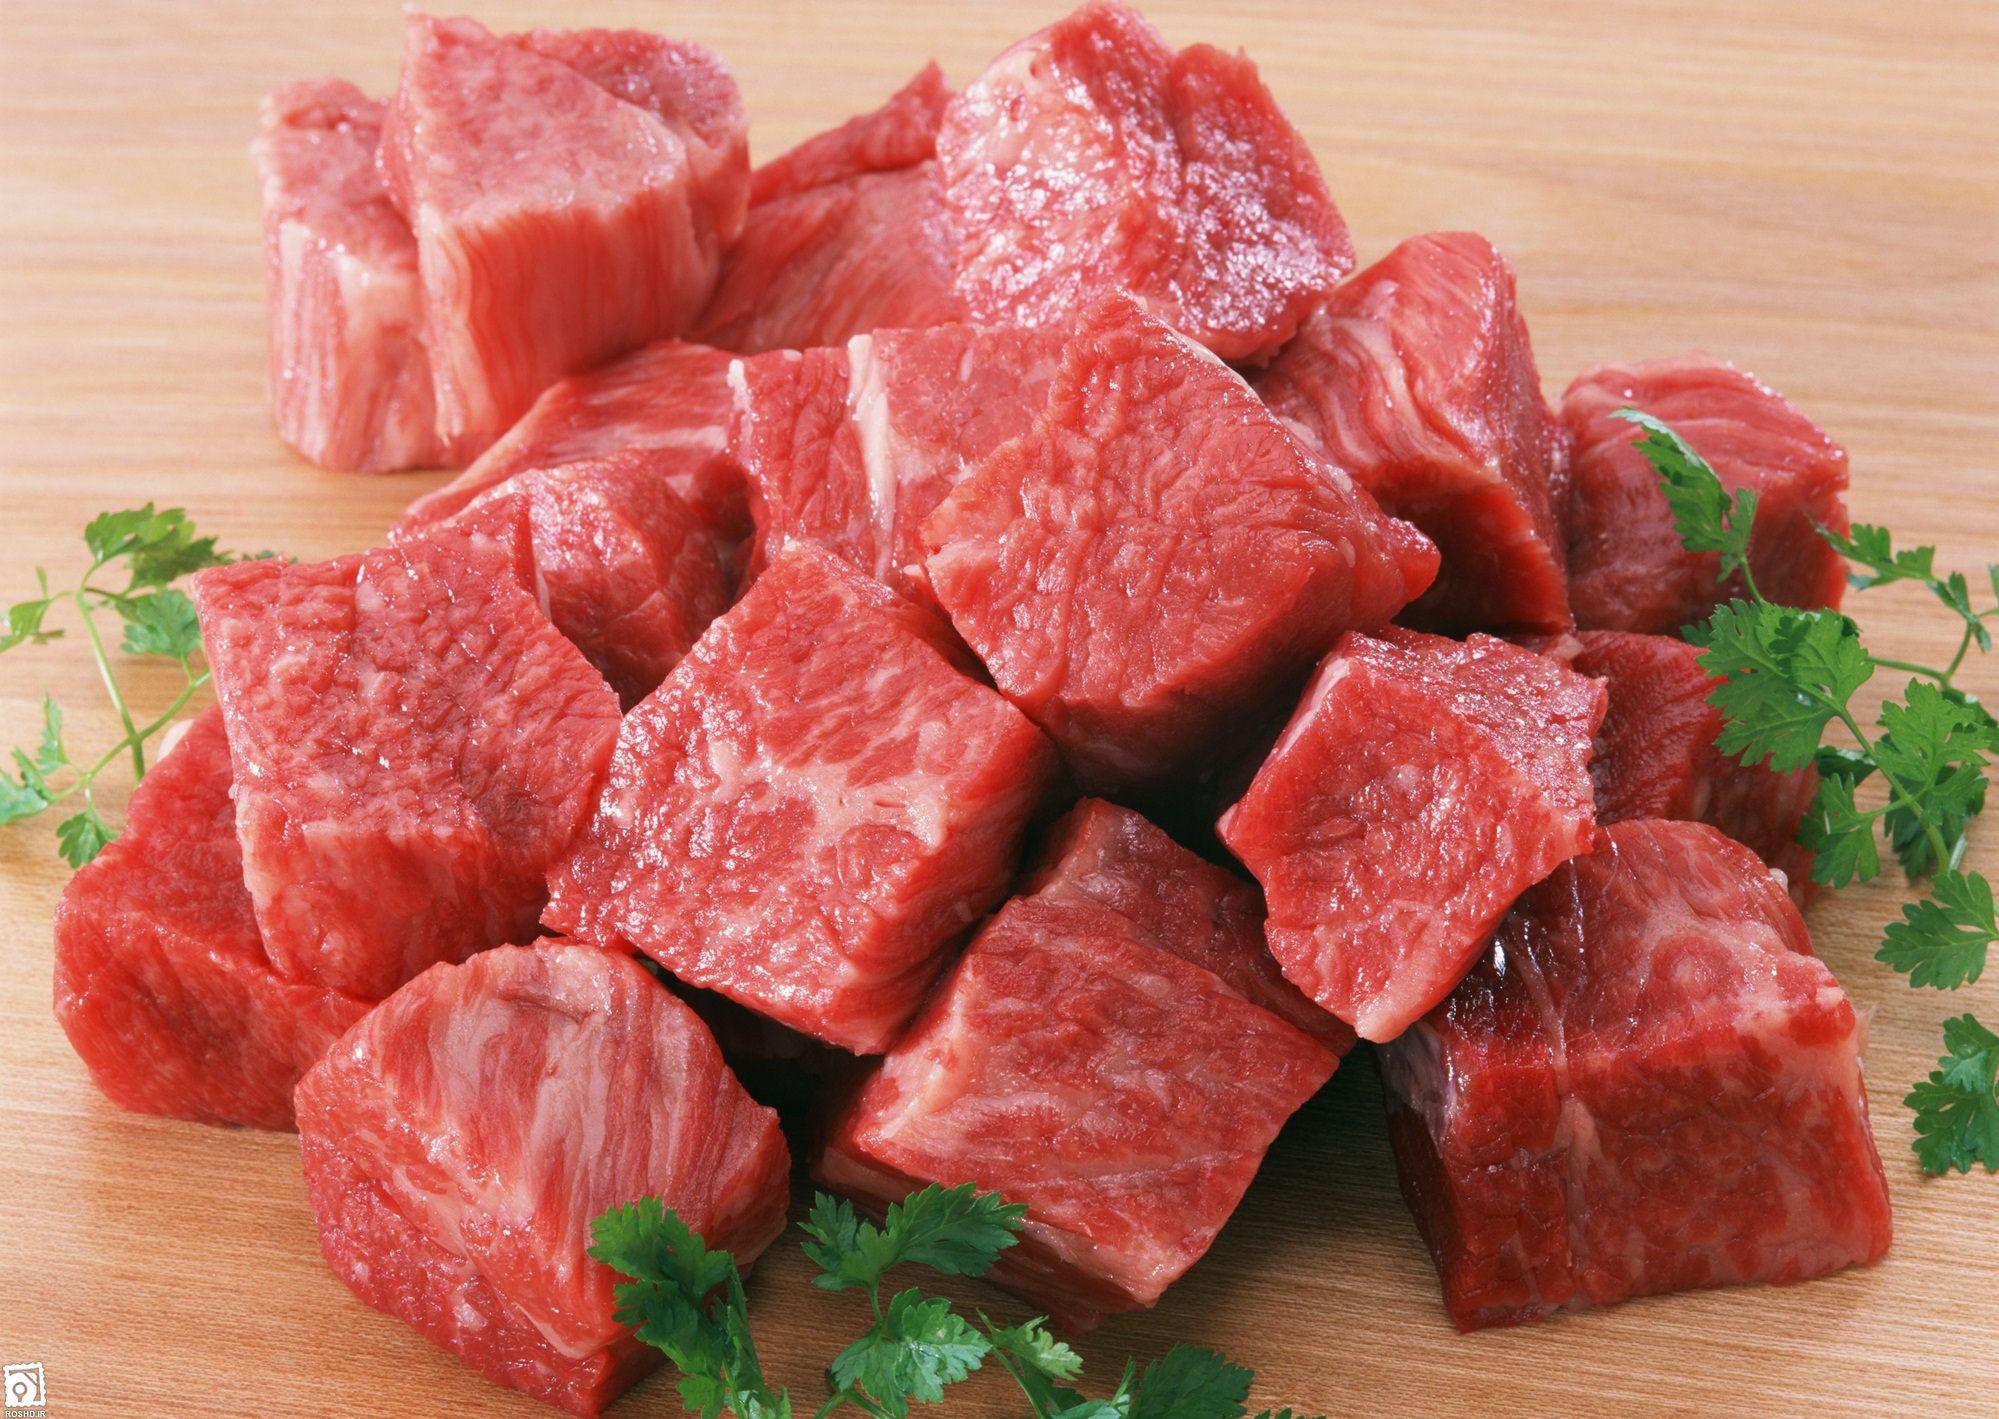 باشگاه خبرنگاران -نرخ گوشت بسته بندی شرکتی در بازار